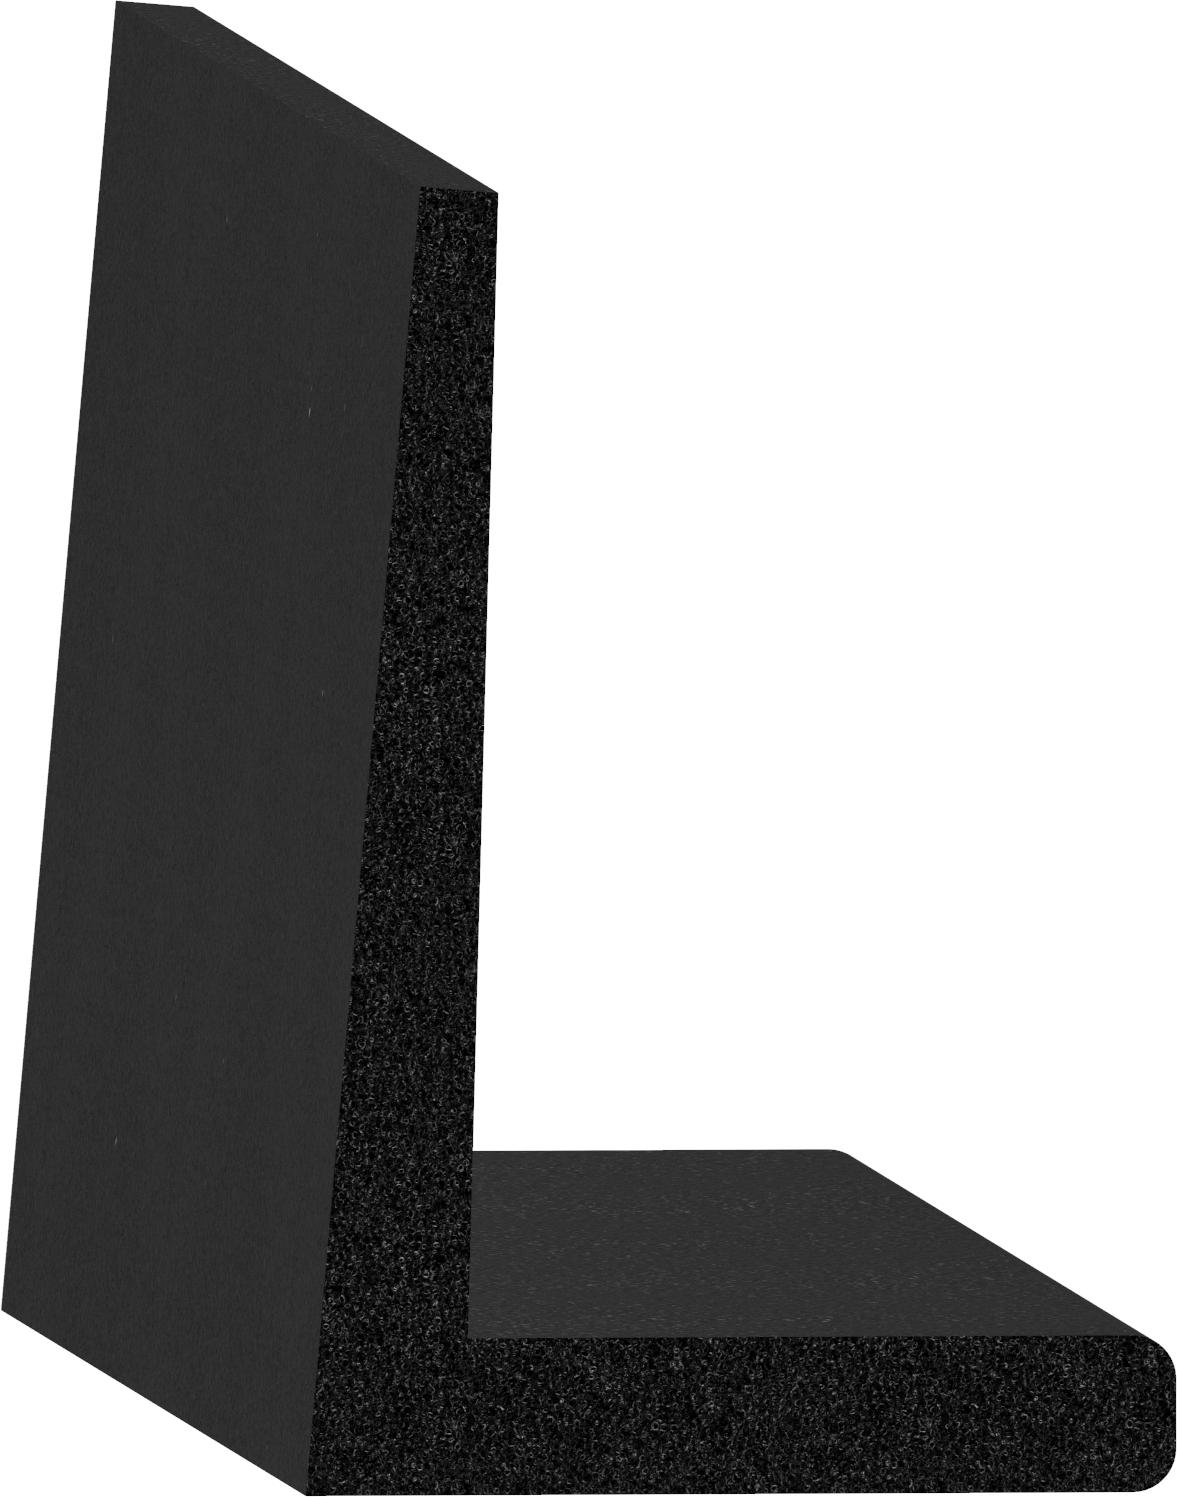 Uni-Grip part: SD-416